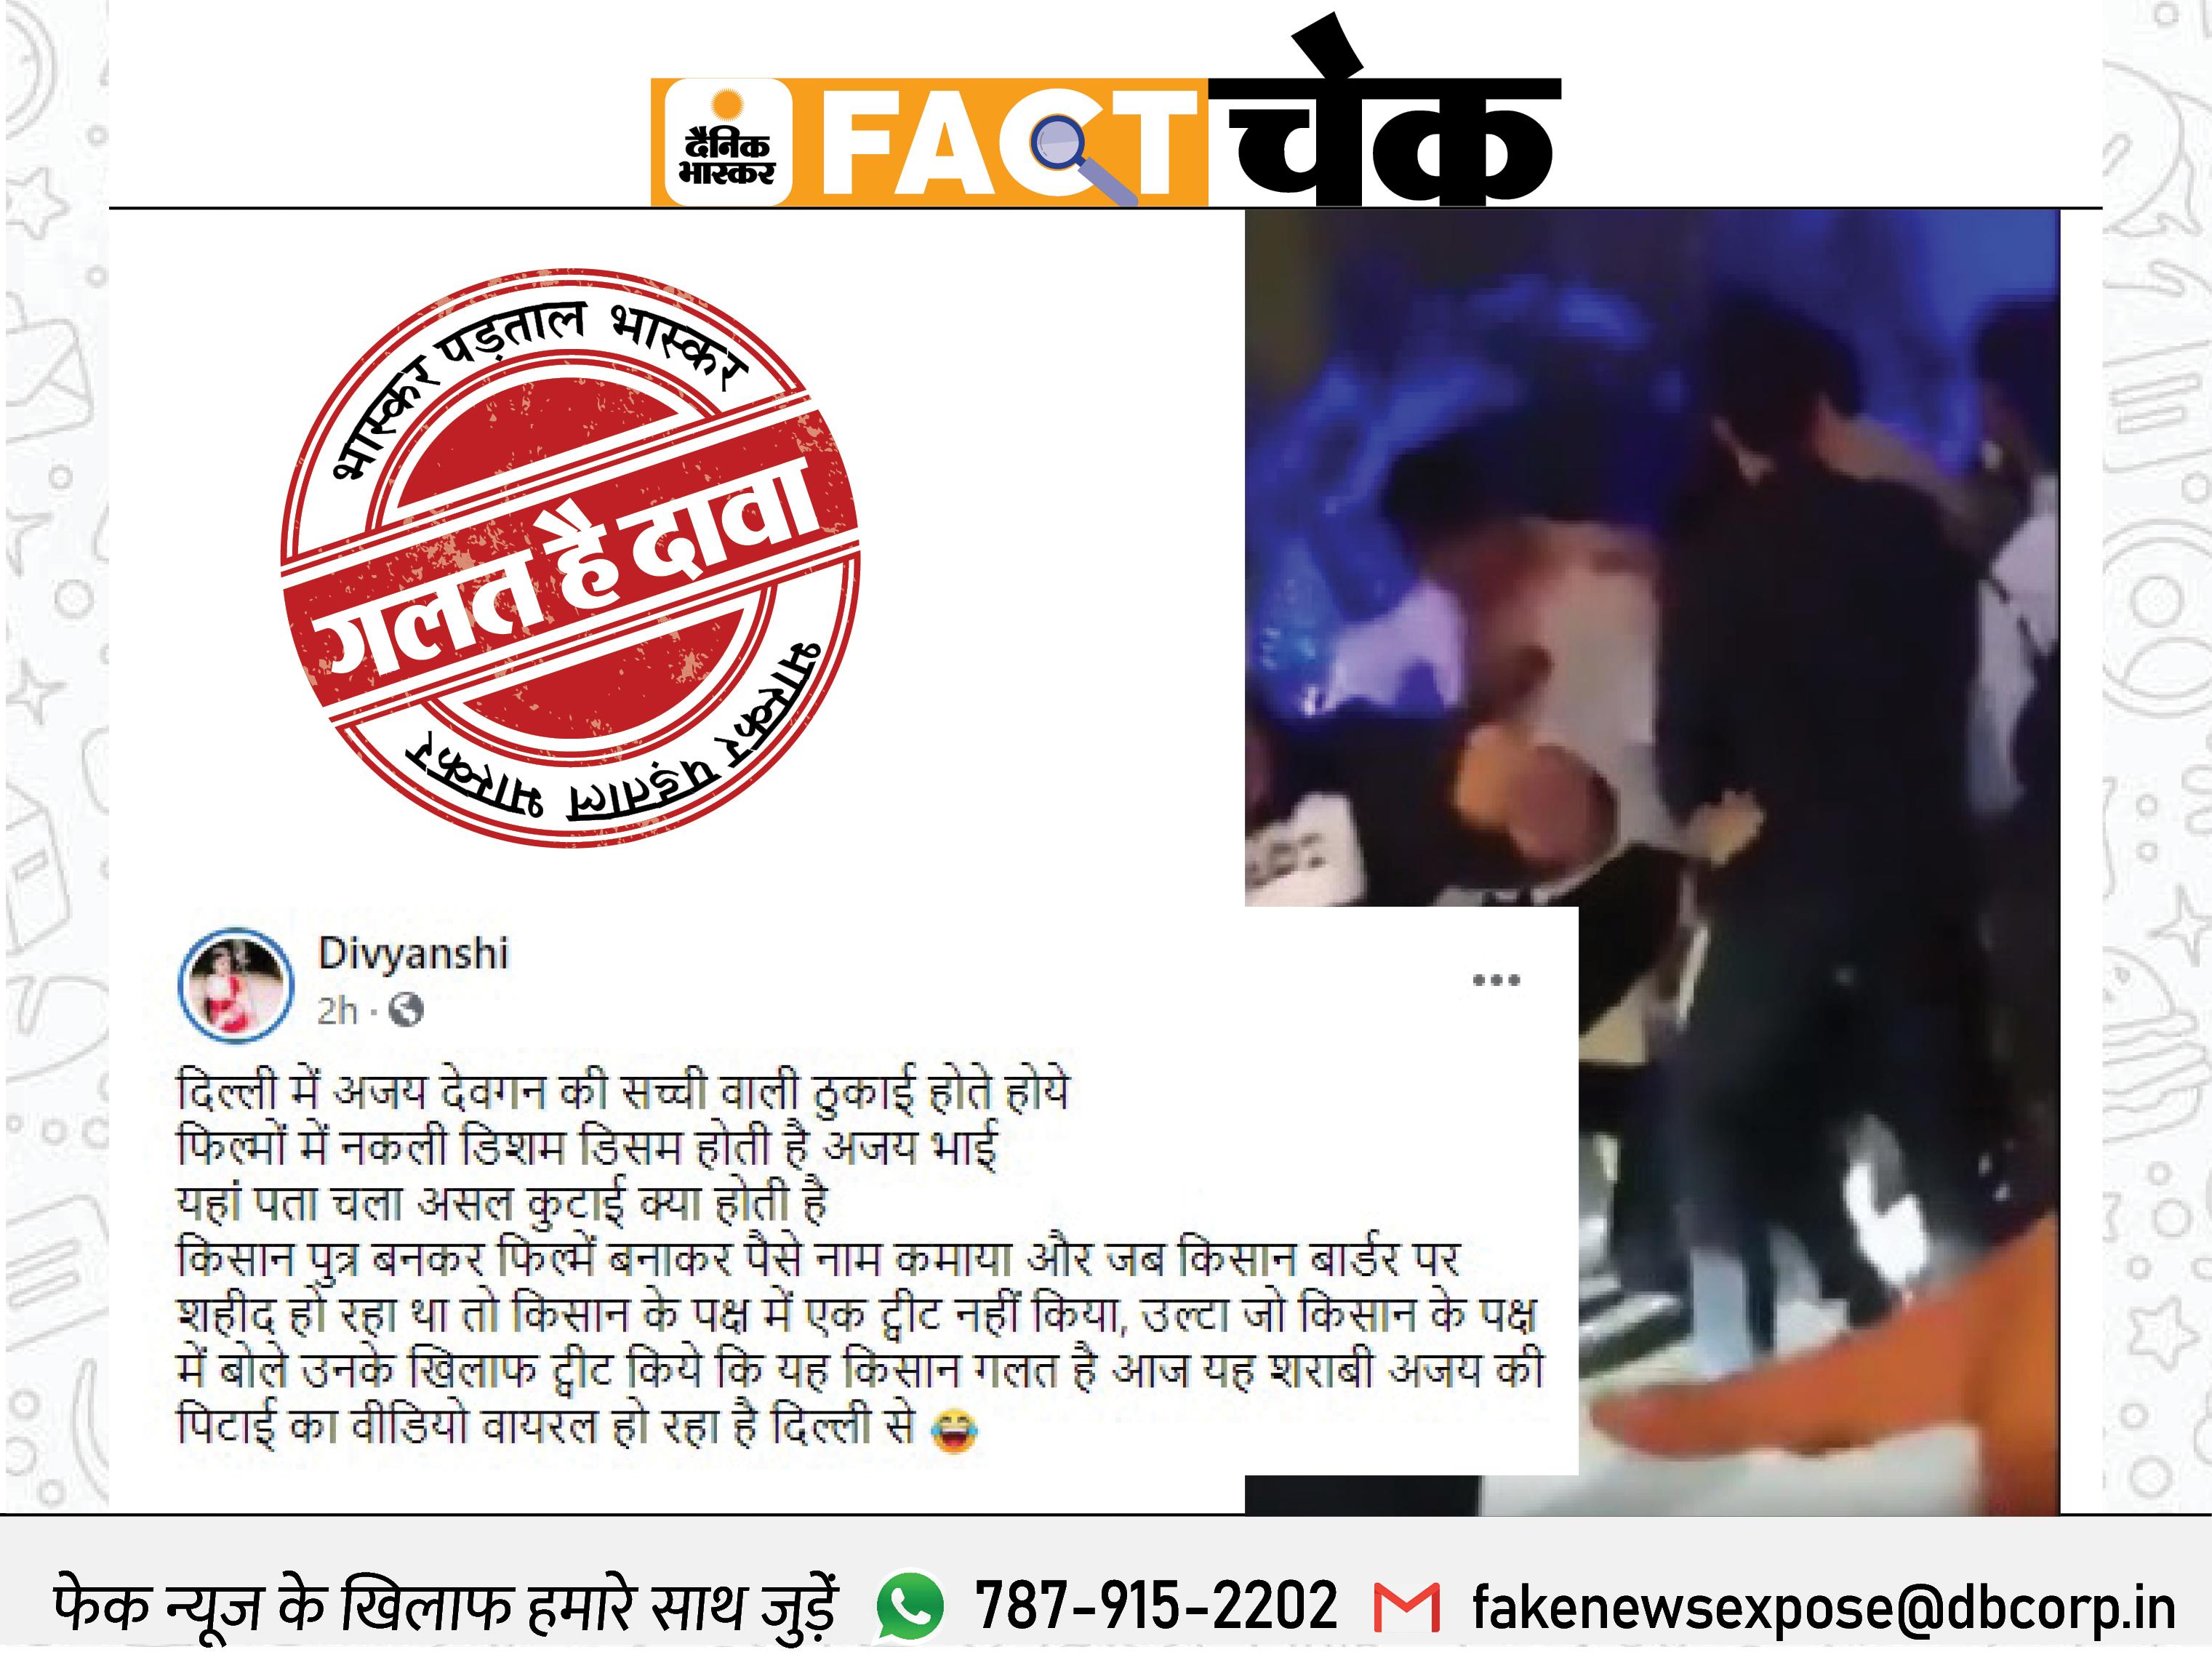 अजय देवगन के साथ दिल्ली में किसान समर्थकों ने की मारपीट? जानिए इस वायरल वीडियो का सच फेक न्यूज़ एक्सपोज़,Fake News Expose - Dainik Bhaskar